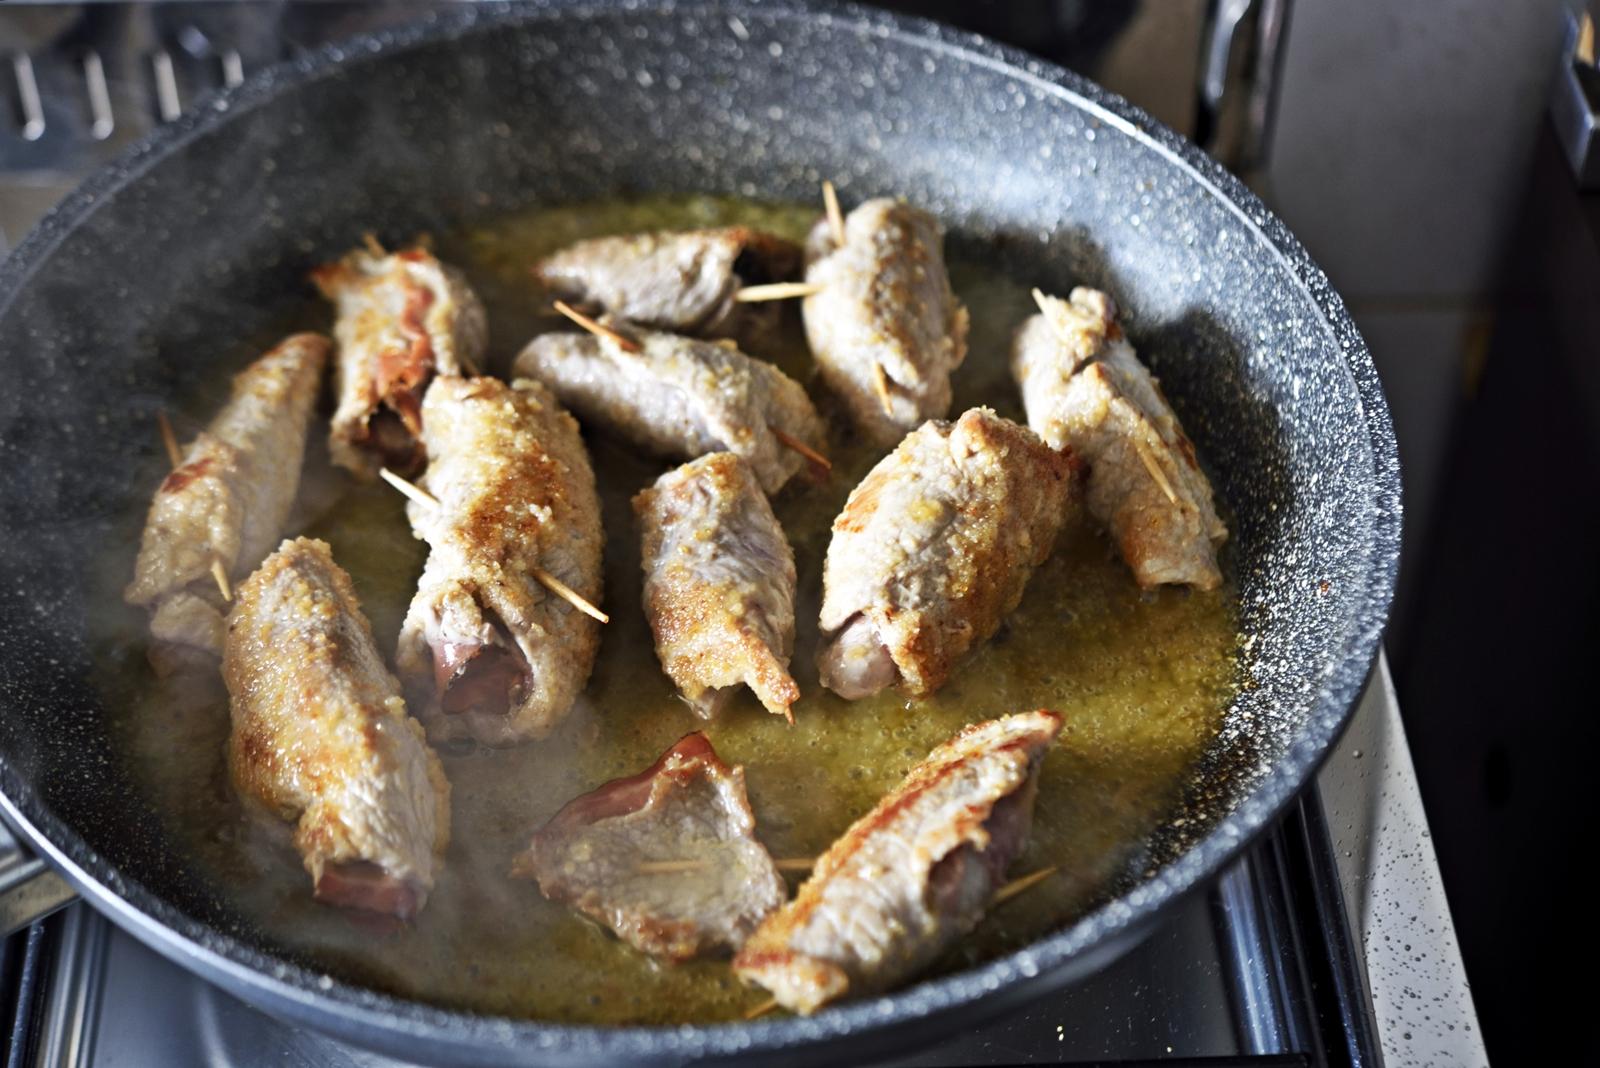 coprire la padella abbassare il fuoco e continuare a cuocere per altri 15 20 minuti girando gli involtini ancora una volta o due